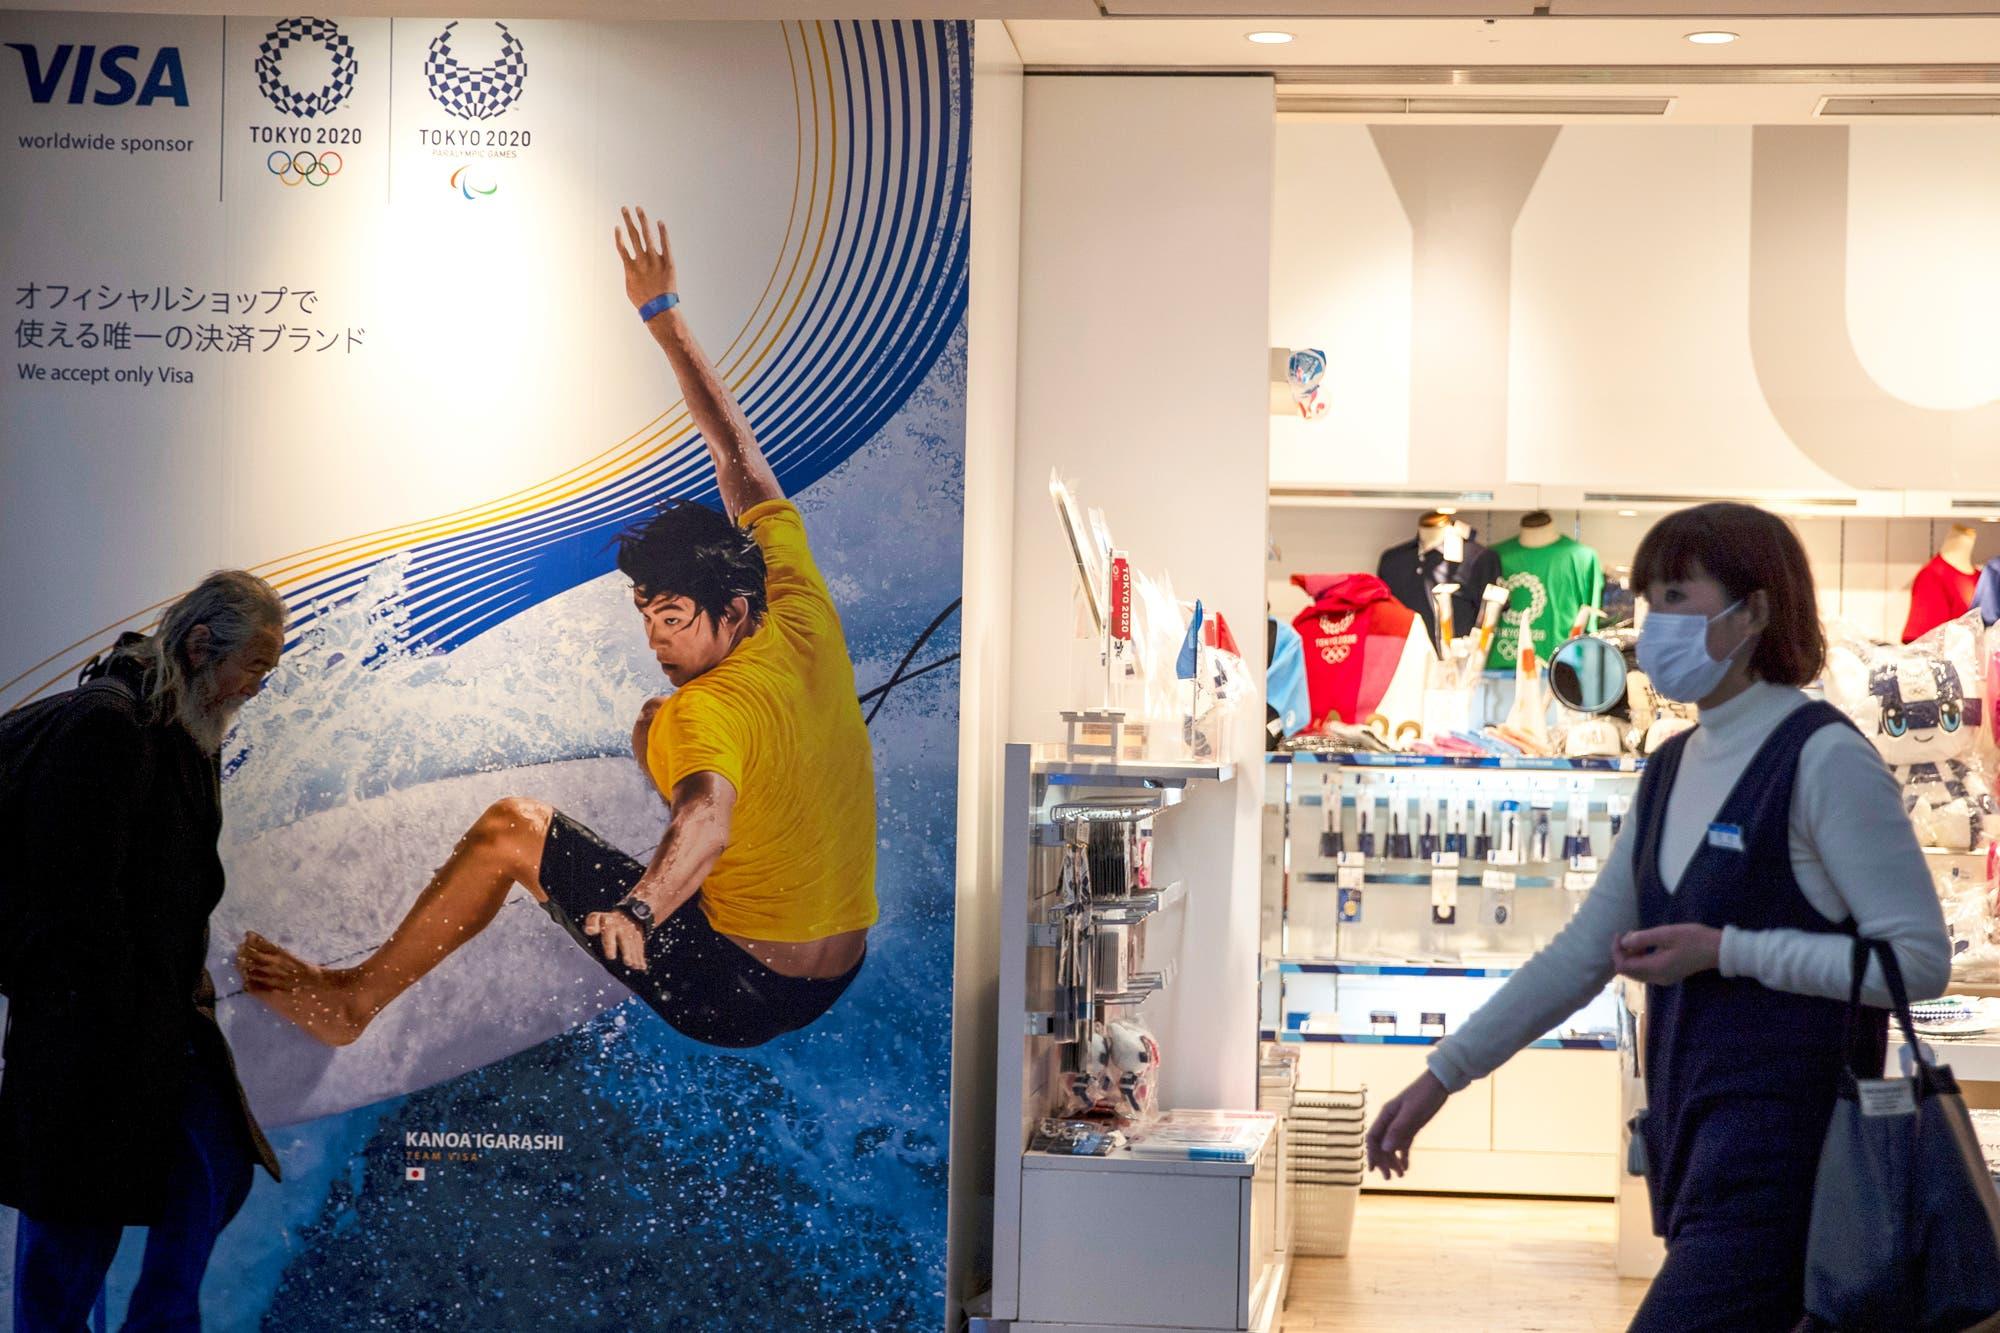 """Coronavirus. Tokio 2020: Un dirigente del COI anticipa que los Juegos Olímpicos """"ya han sido postergados"""""""